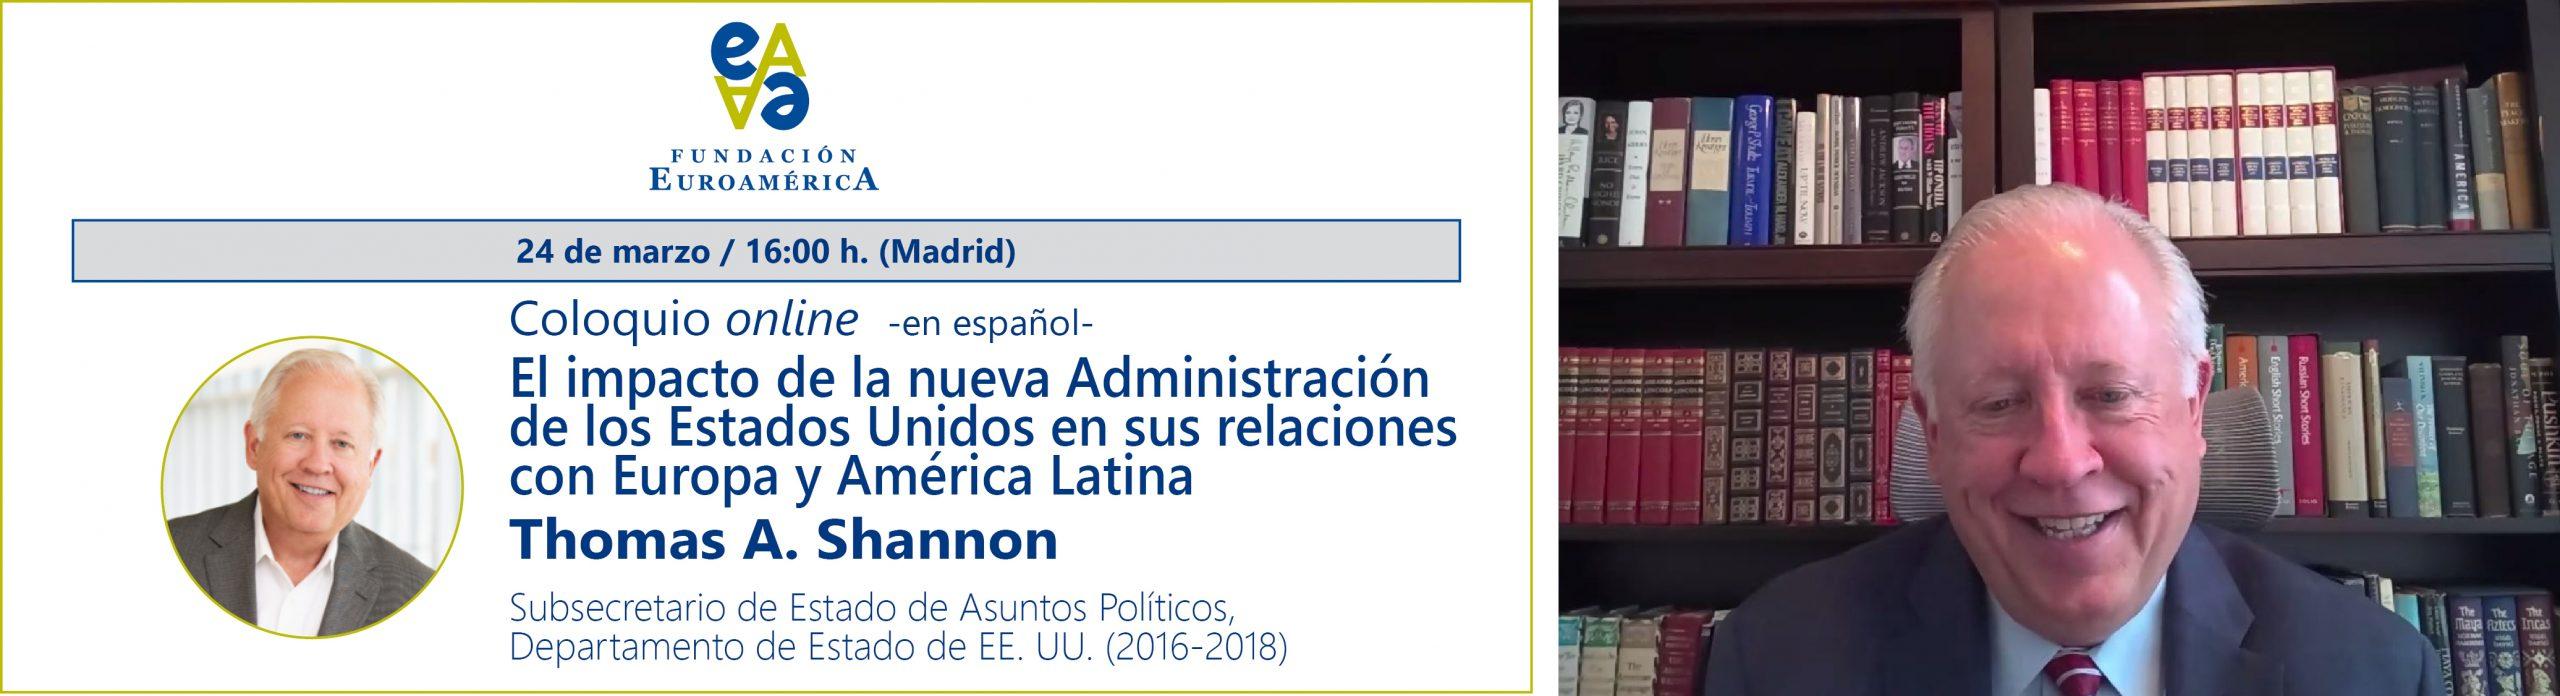 Coloquio online con Thomas A. Shannon